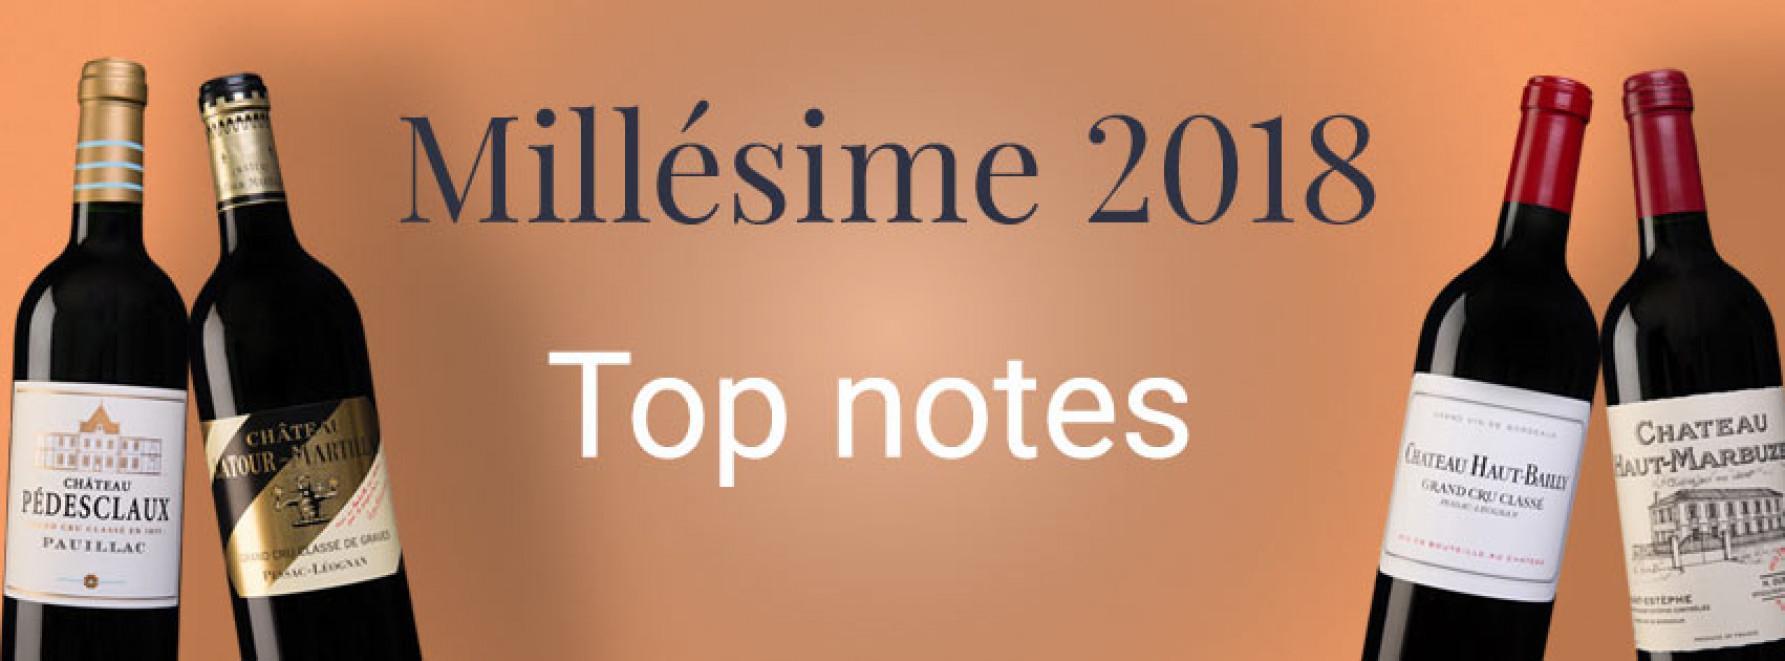 Millésime 2018 | Top notes